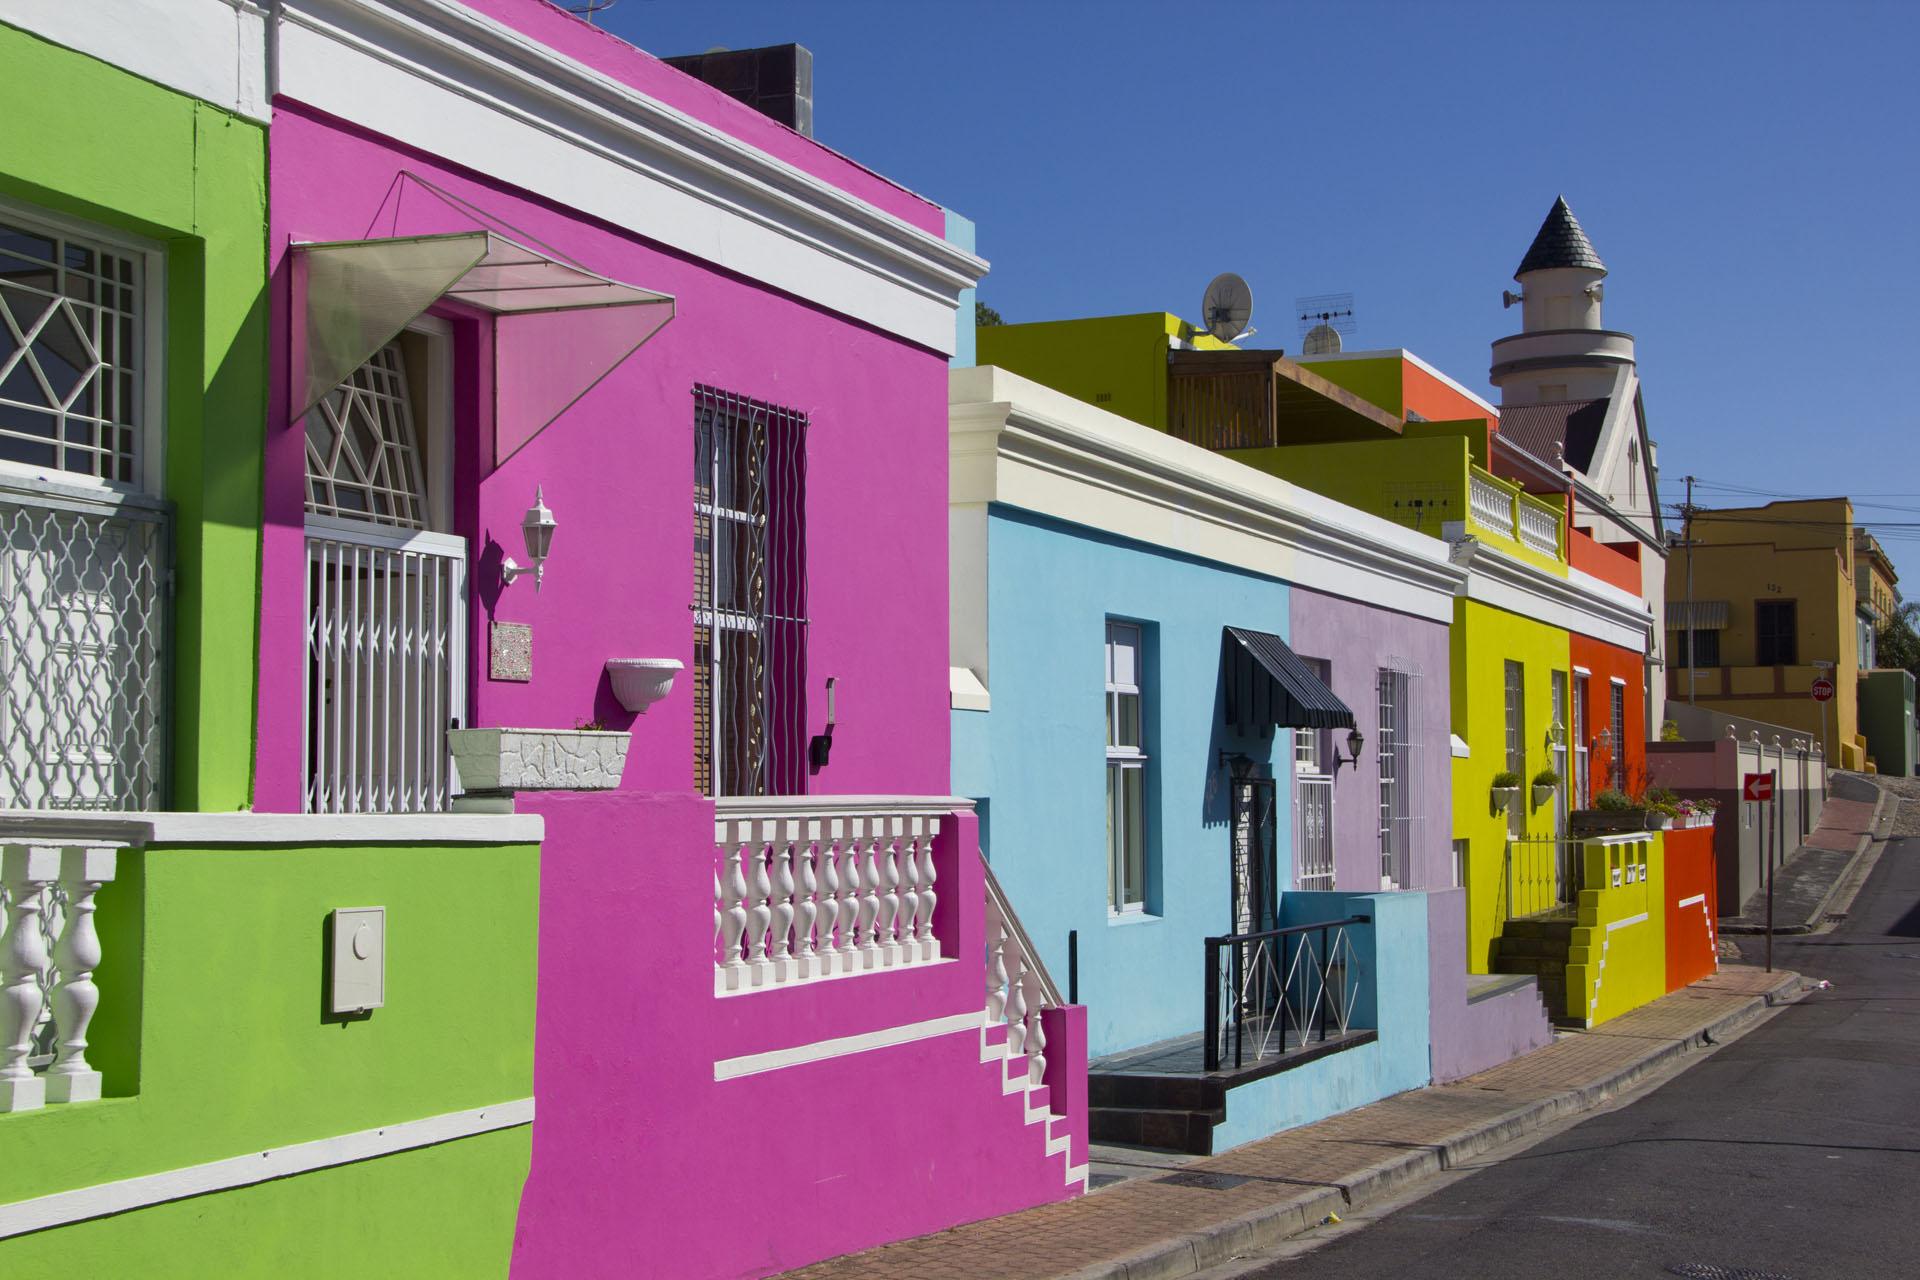 En Ciudad del Cabo se encuentra este colorido lugarllamado Bo- Kaap, con casas pequeñas de colores vibrantes, verdes, fucsias, naranja y amarillo